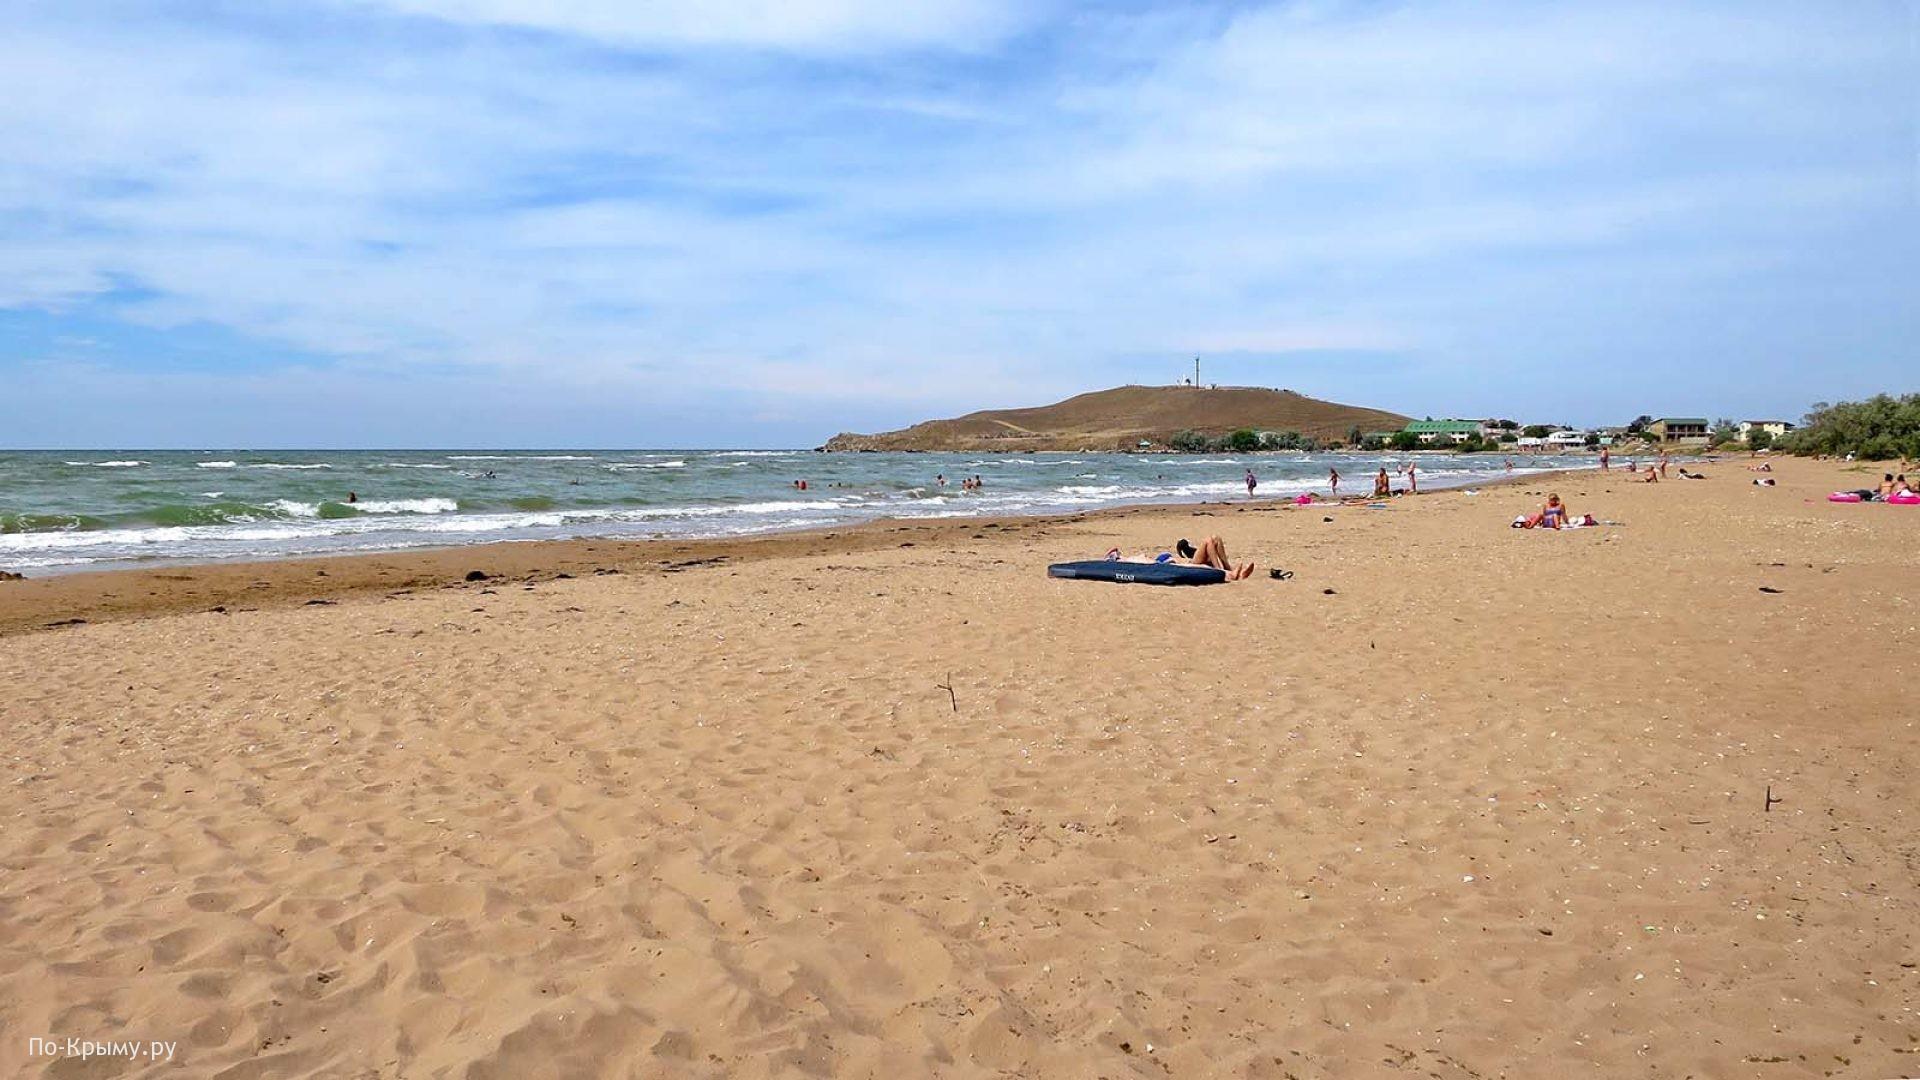 ТОП 10 лучших пляжей Крыма